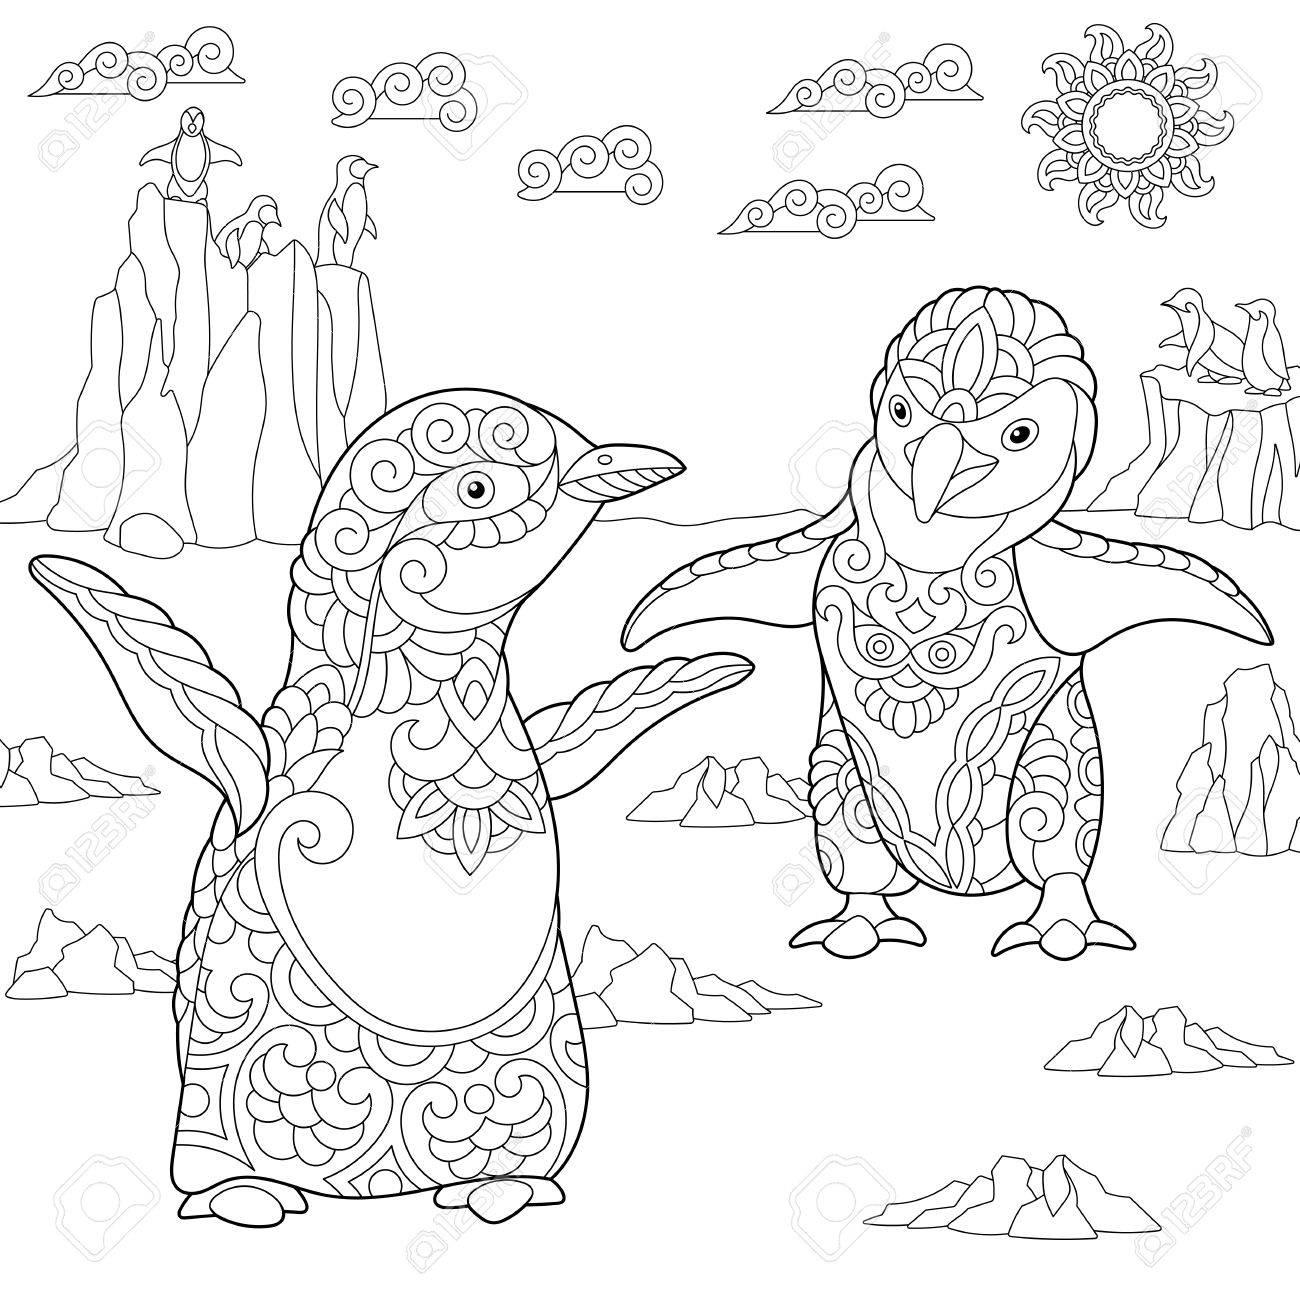 Kleurplaat Van Jonge Pinguins Onder Het Arctische Landschap